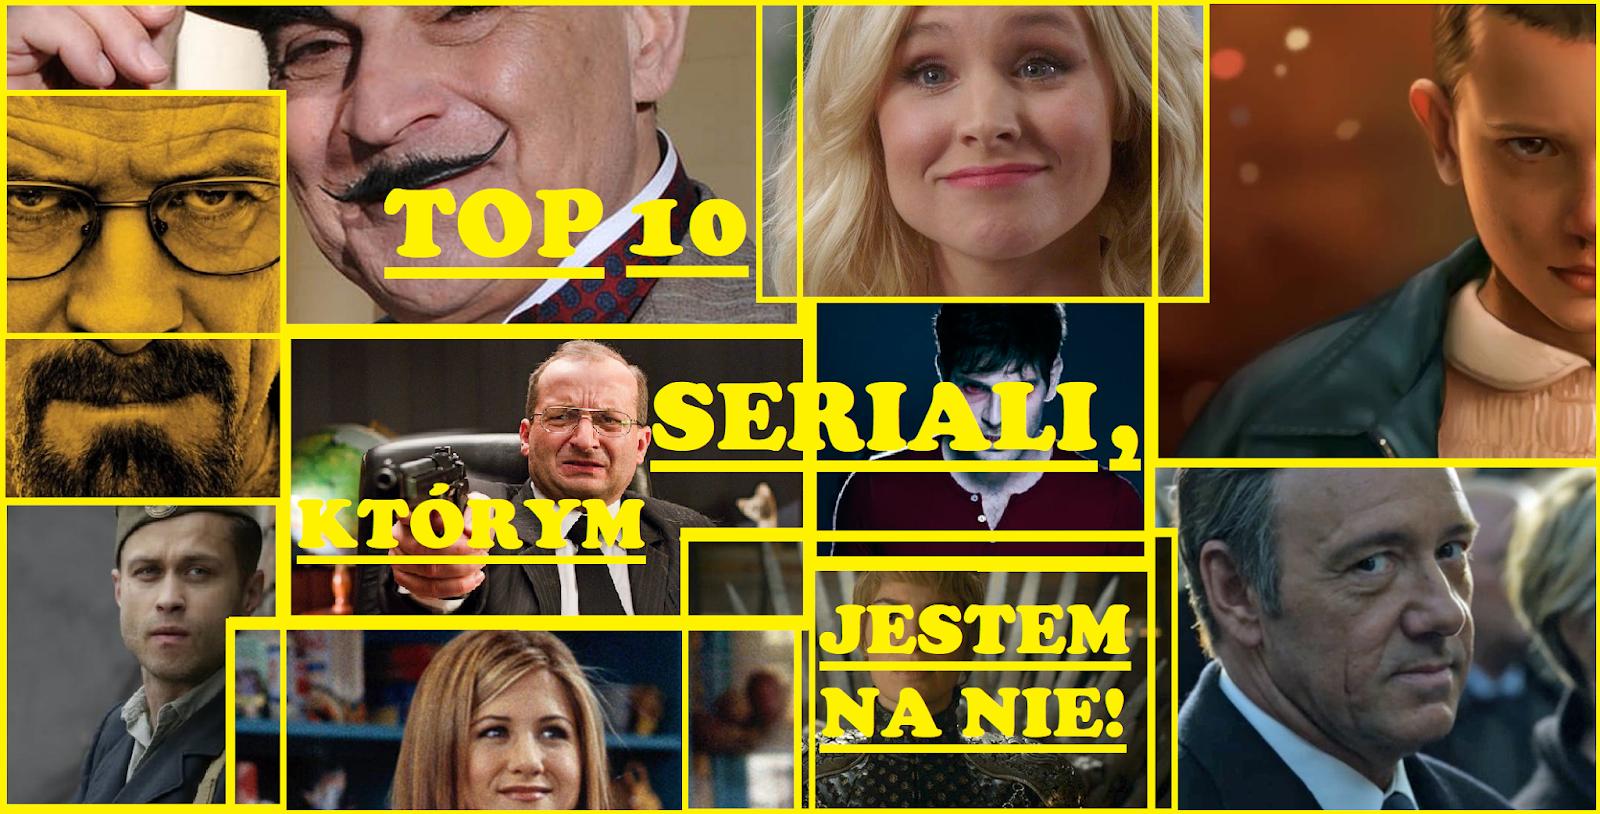 Top 10 seriali, którym mówię nie - post urodzinowy!